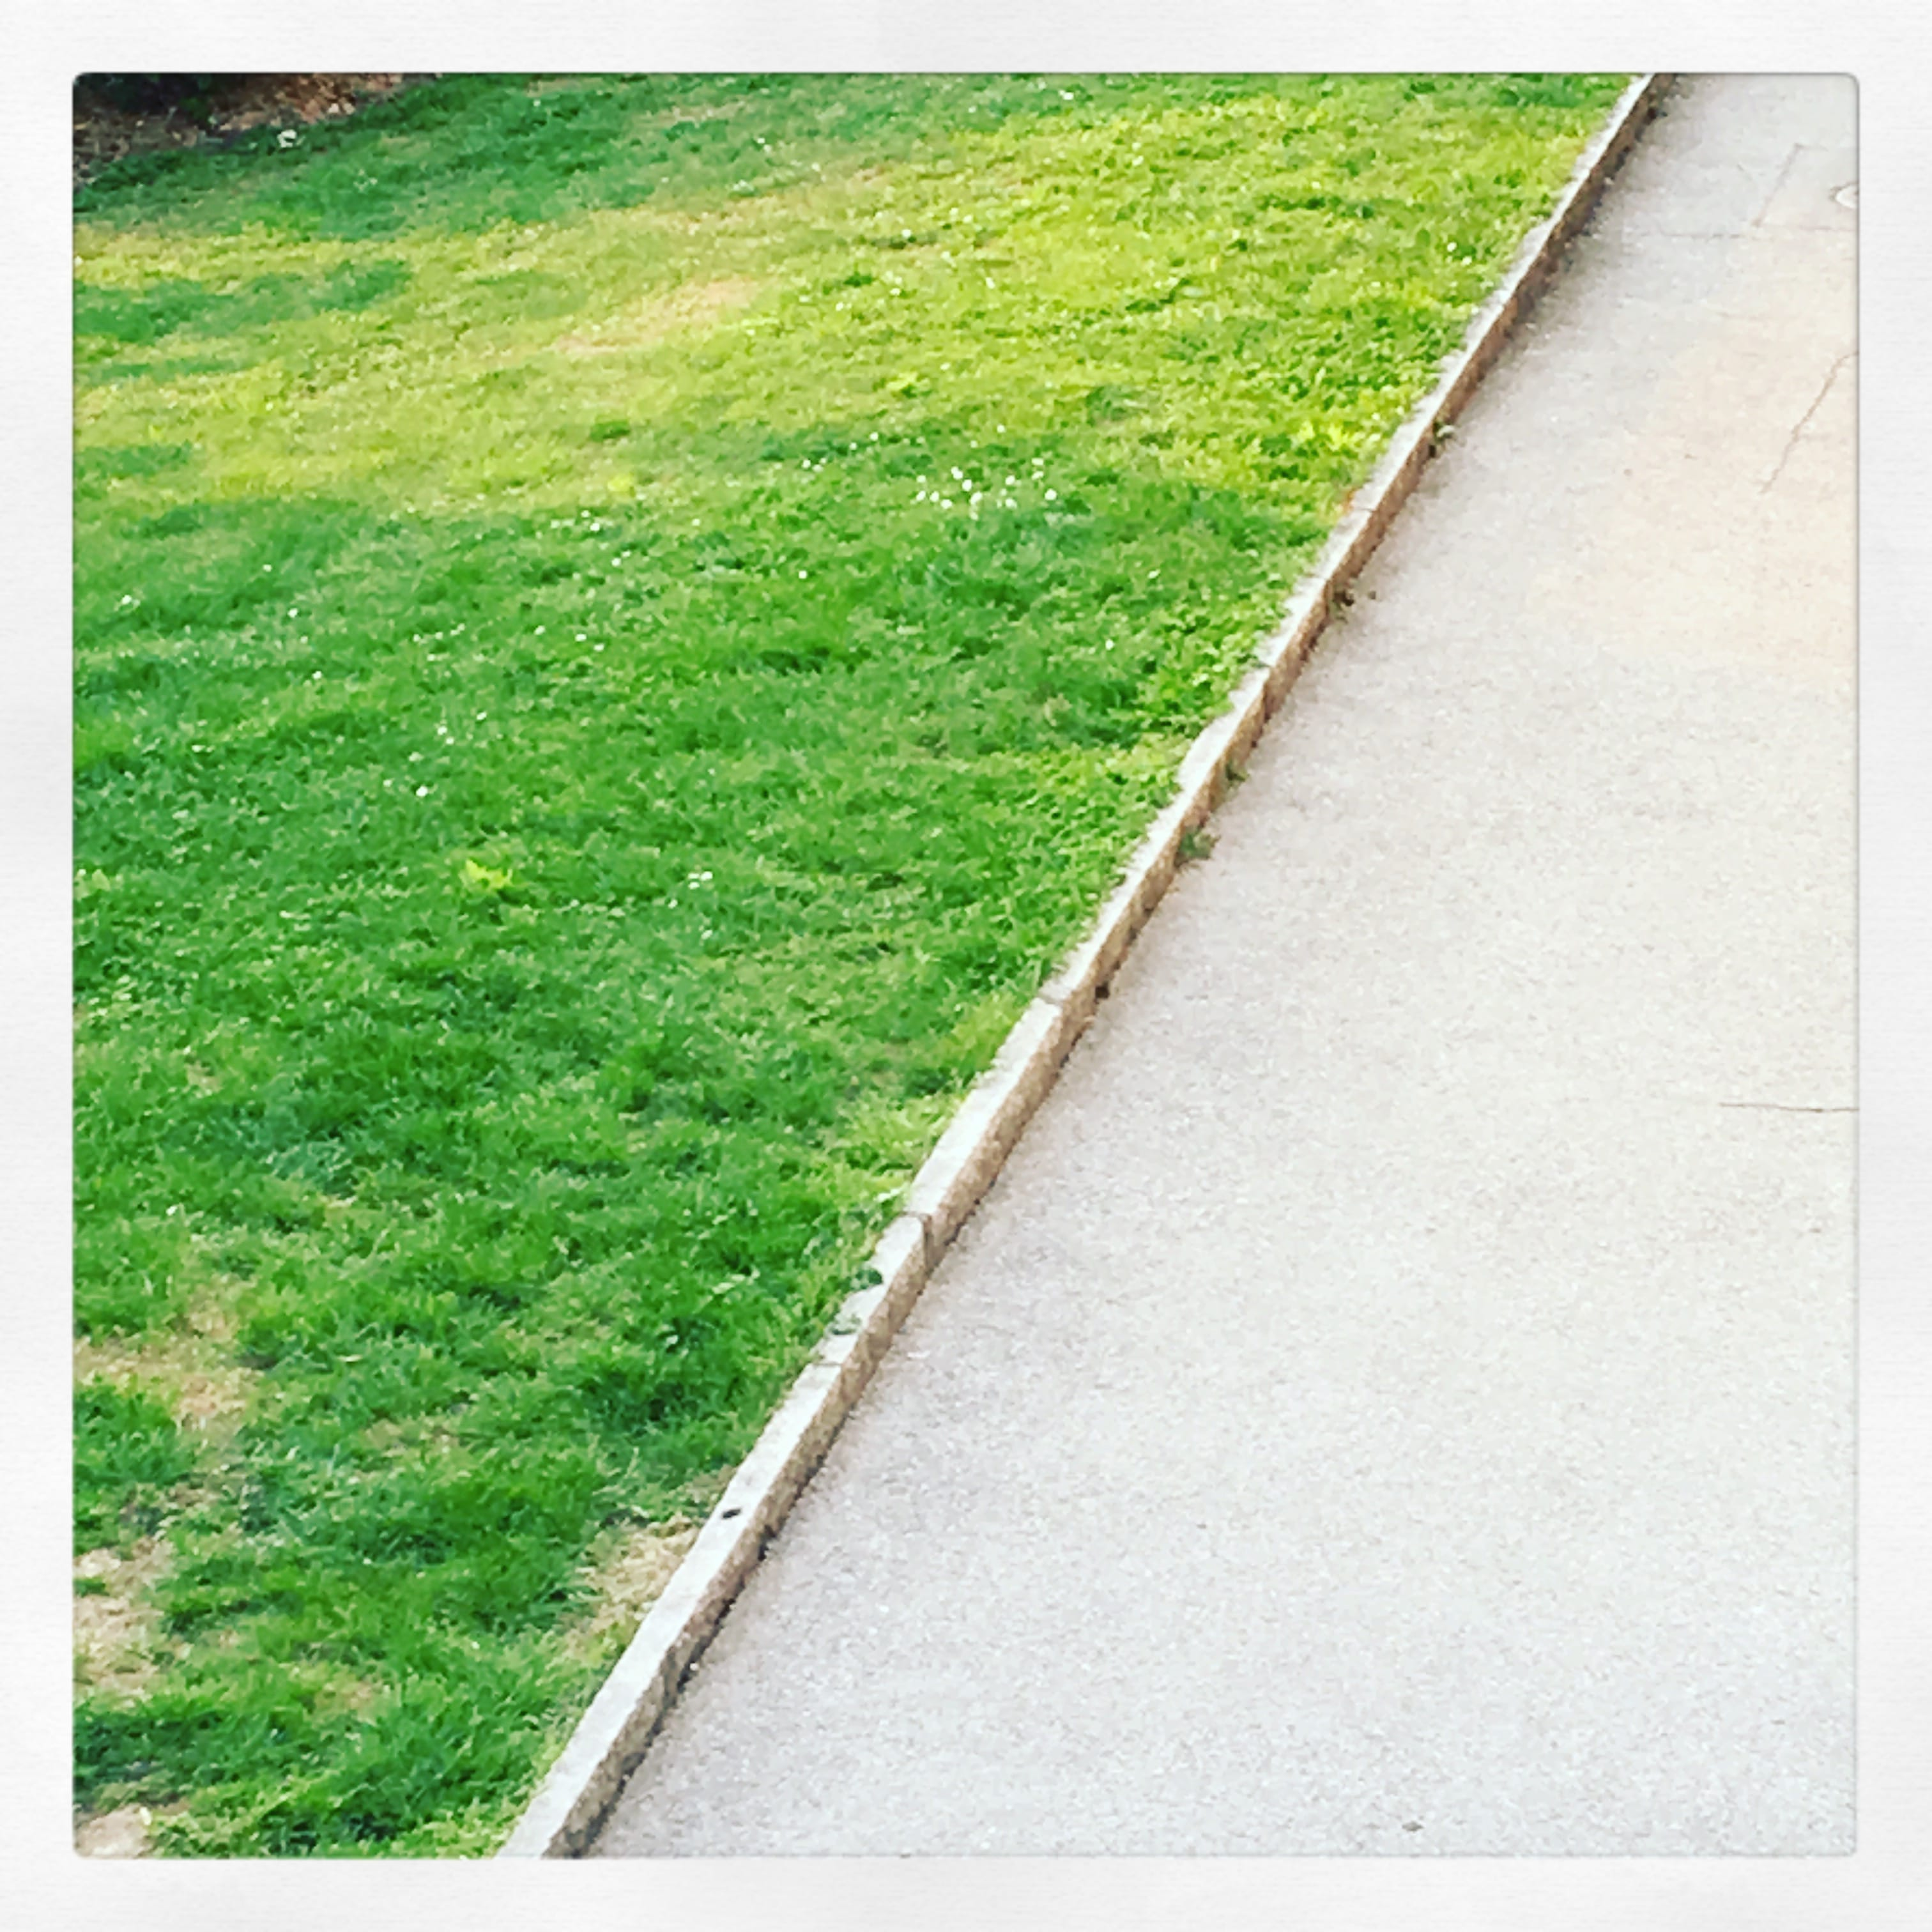 Prato Rigenerante Come Funziona aprile – andrea fazioli